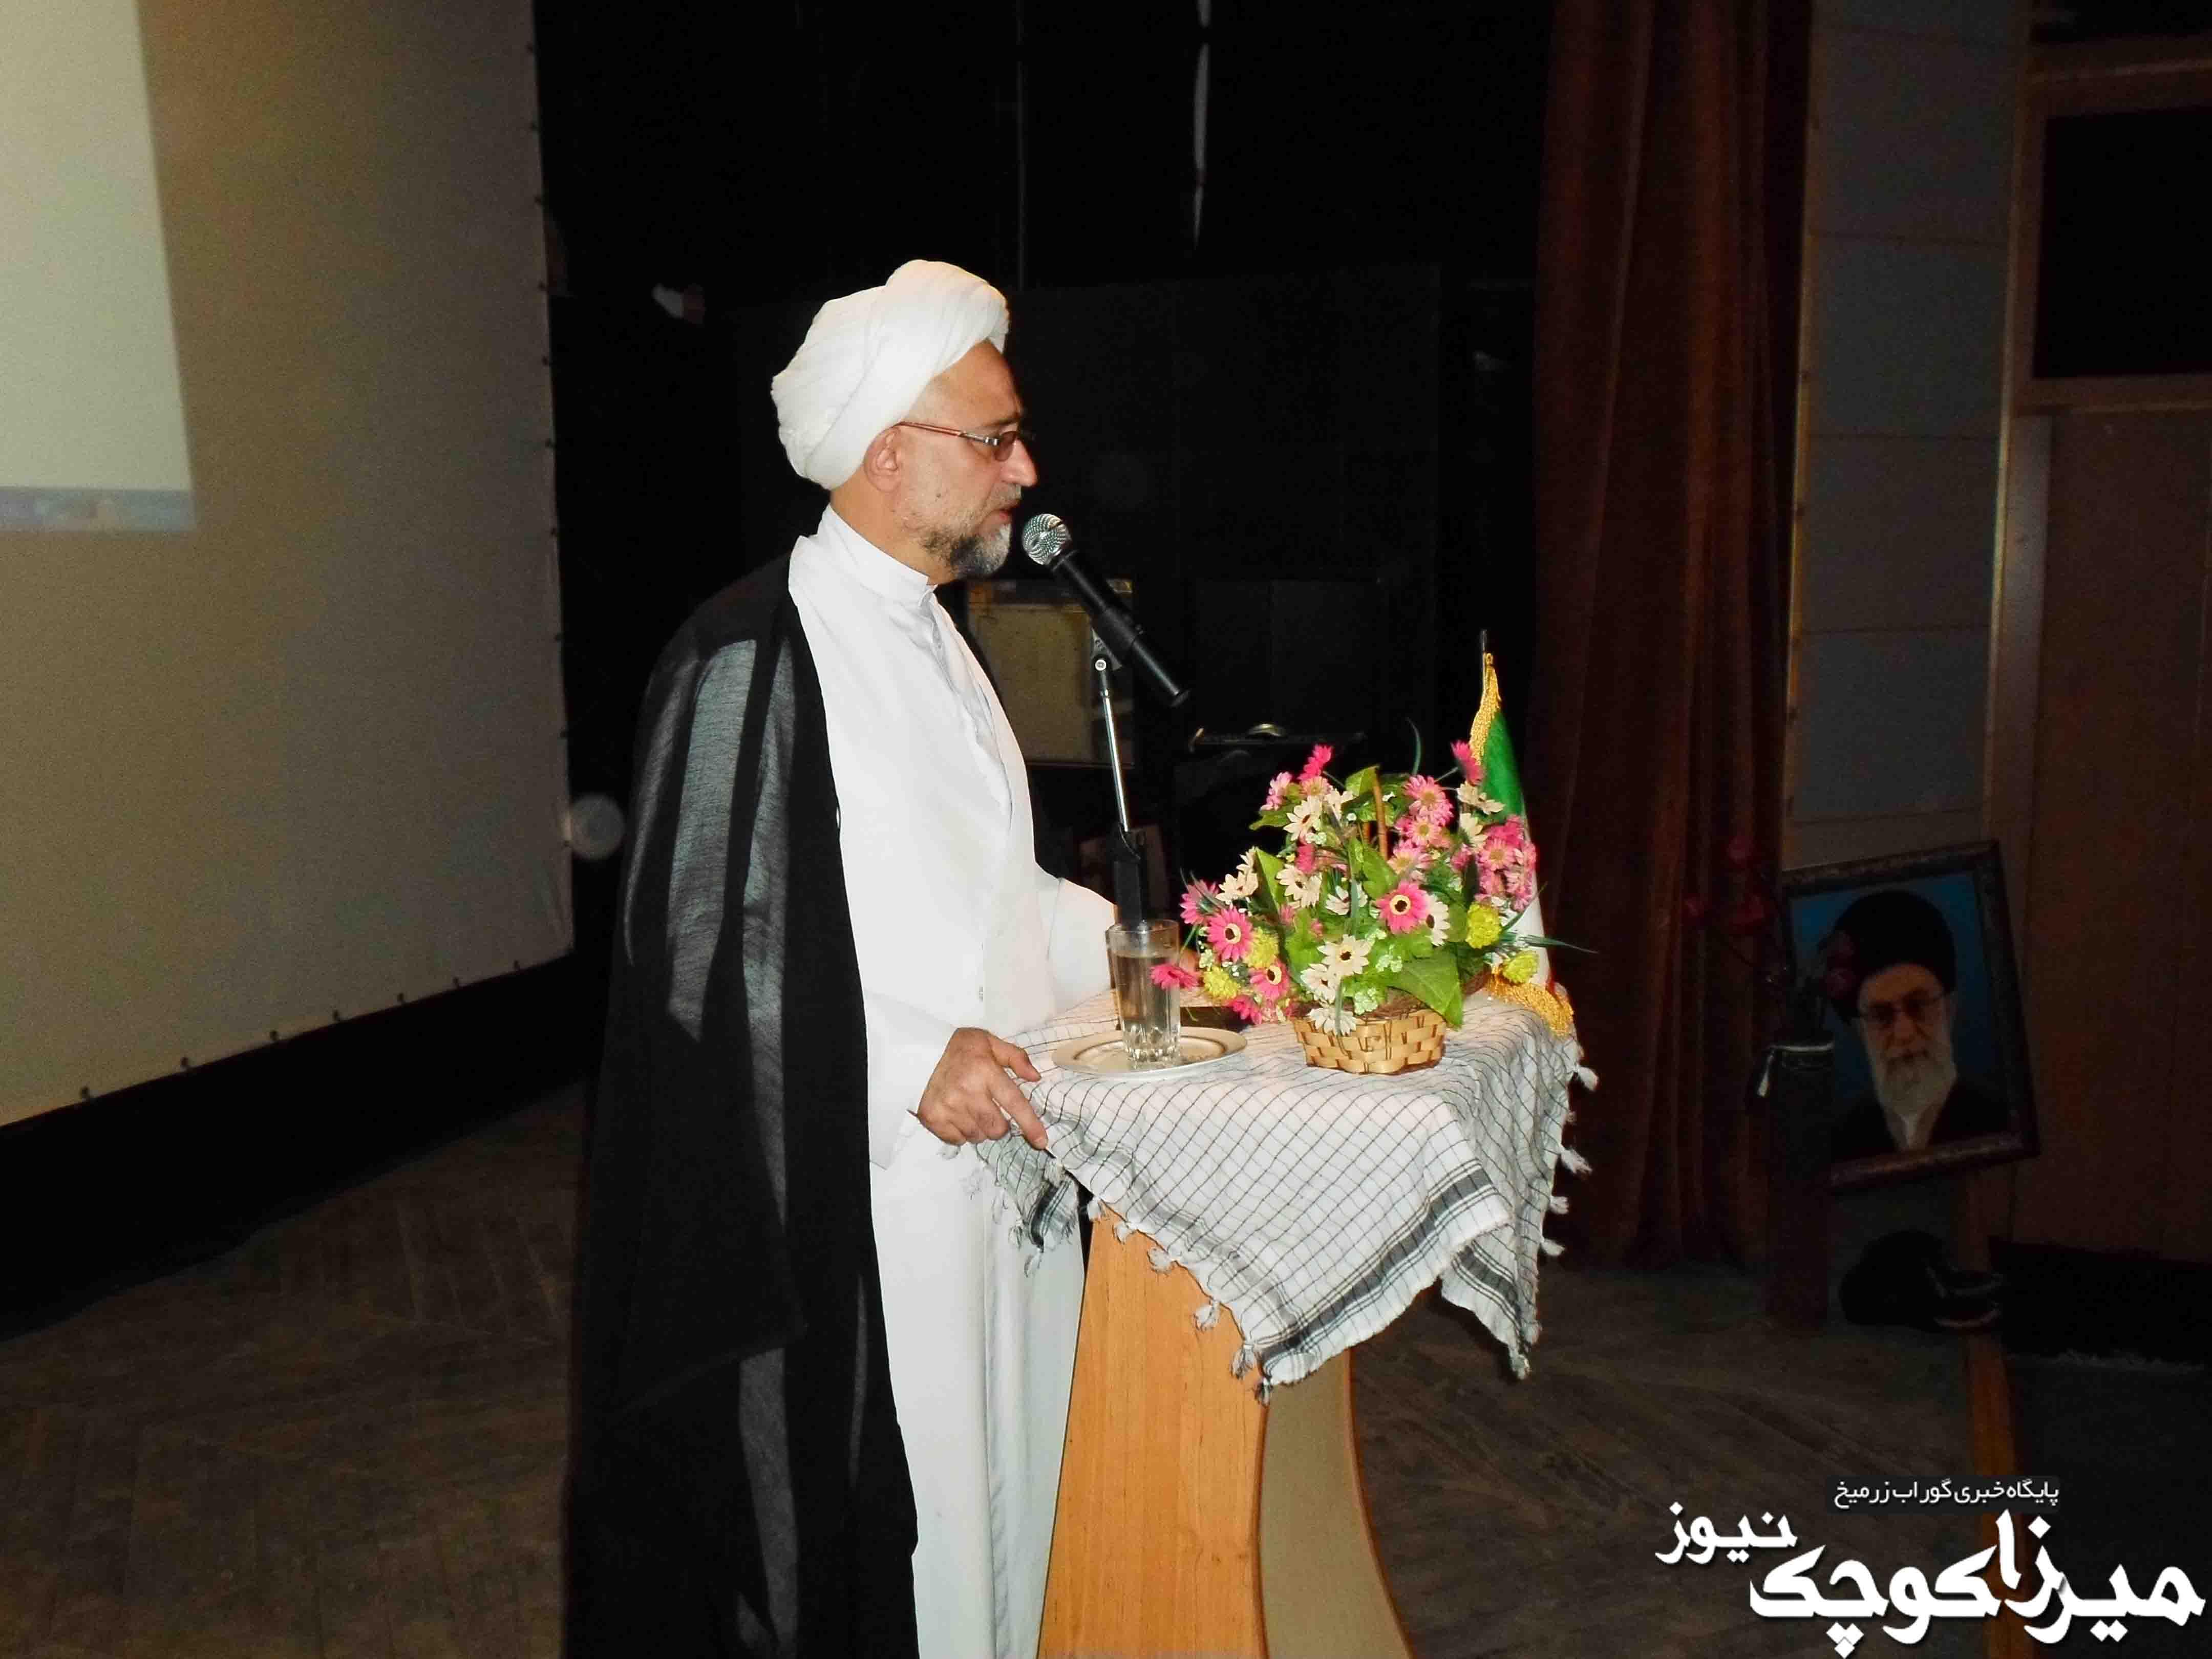 برگزاری همایش آینده سازان بسیج در گوراب زرمیخ